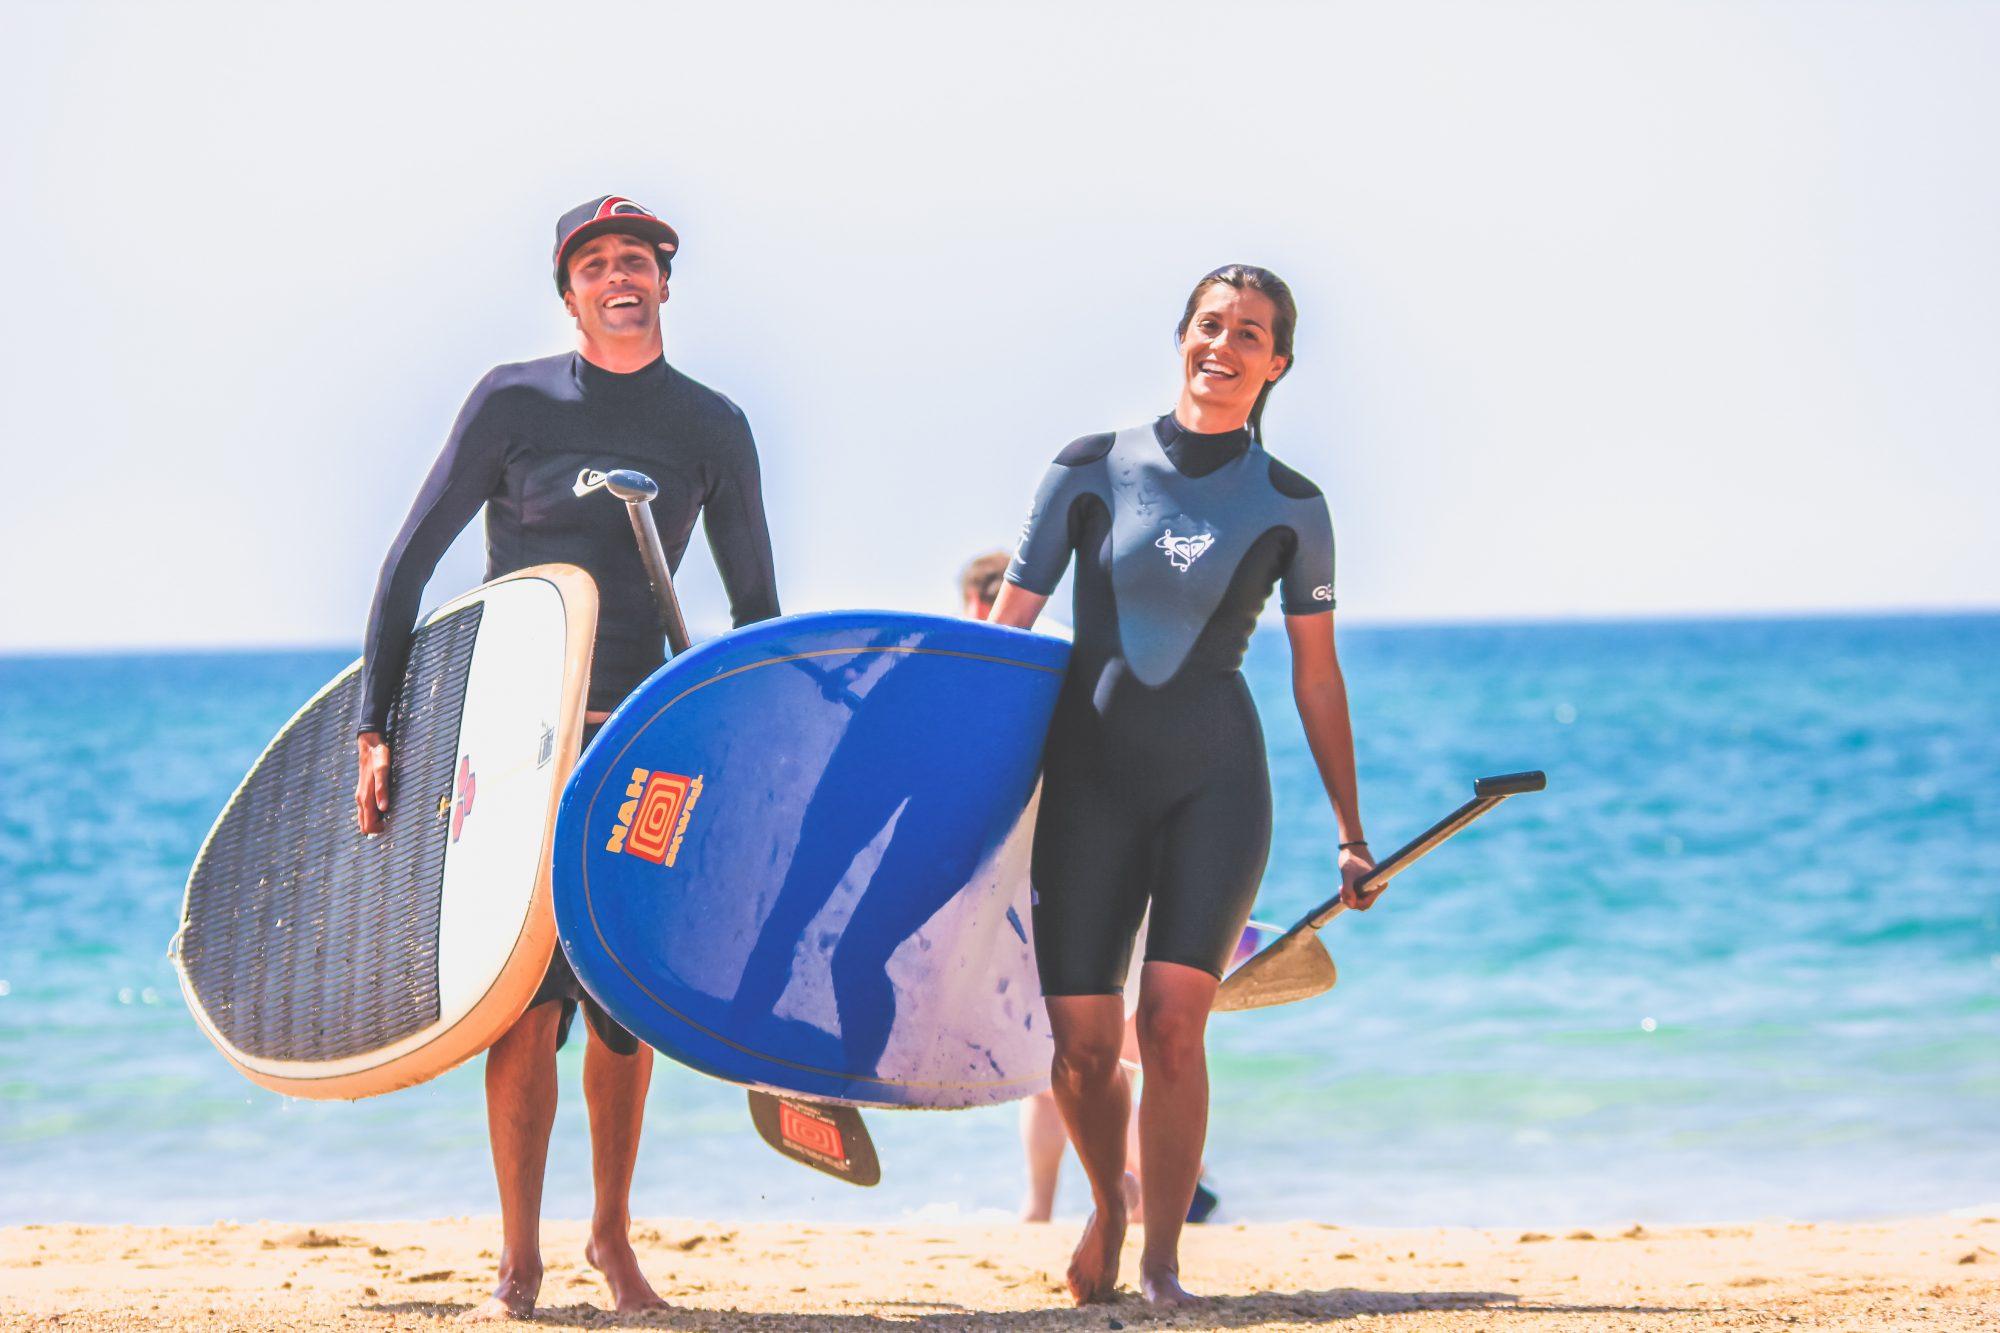 moniteur et filles stand up paddle plage